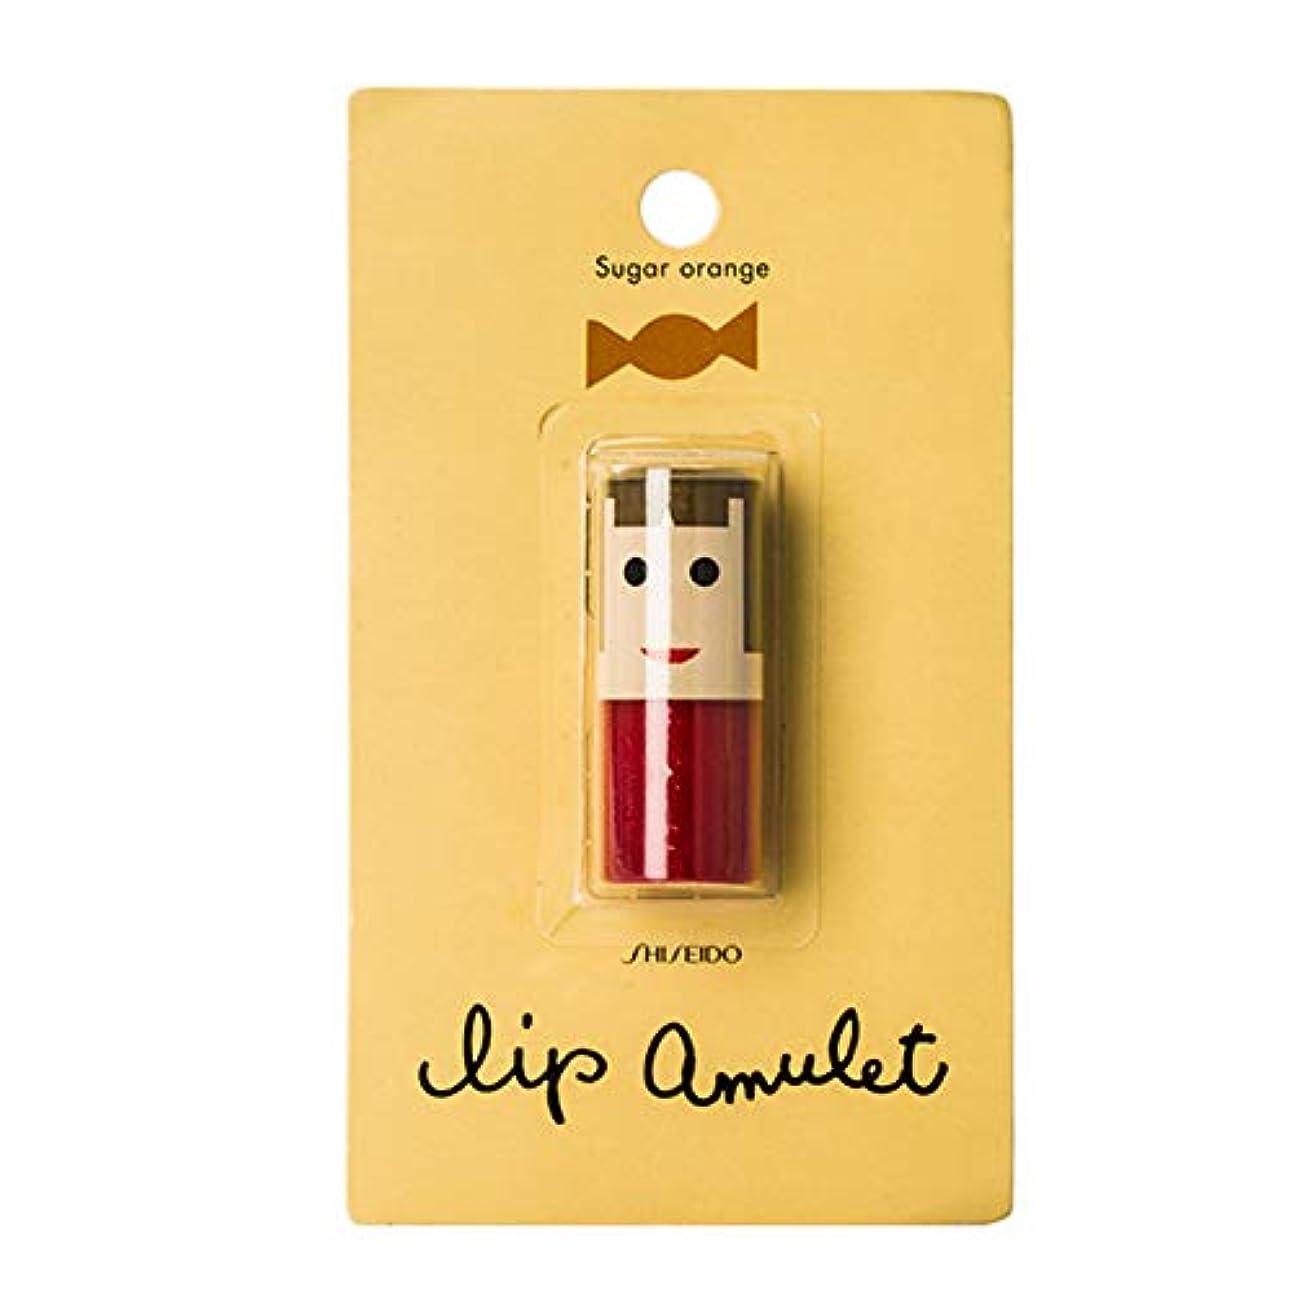 教育学修理可能ボイラー【台湾限定】 資生堂 Shiseido リップアミュレット Lip Amulet お土産 コスメ 色つきリップ 単品 蜜糖橘 (シュガーオレンジ) [並行輸入品]